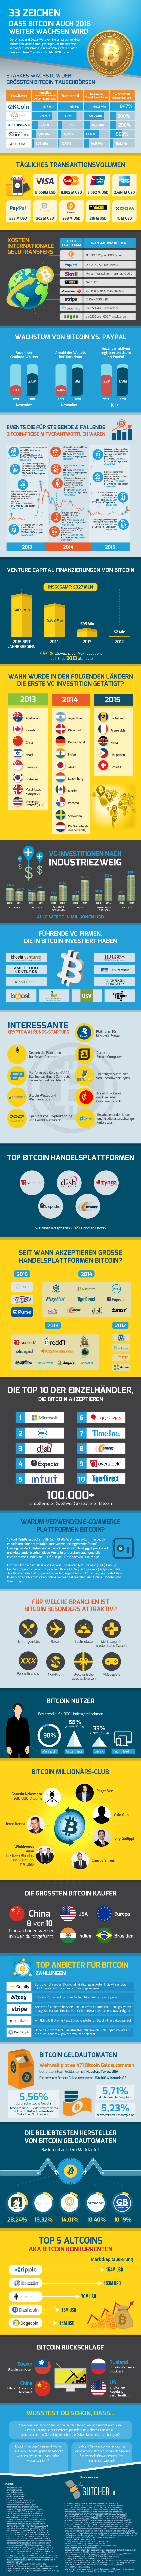 33 Hinweise Dafür, Dass Das Wachstum Von Bitcoin Auch Im Jahr 2016 Nicht Nachlassen Wird